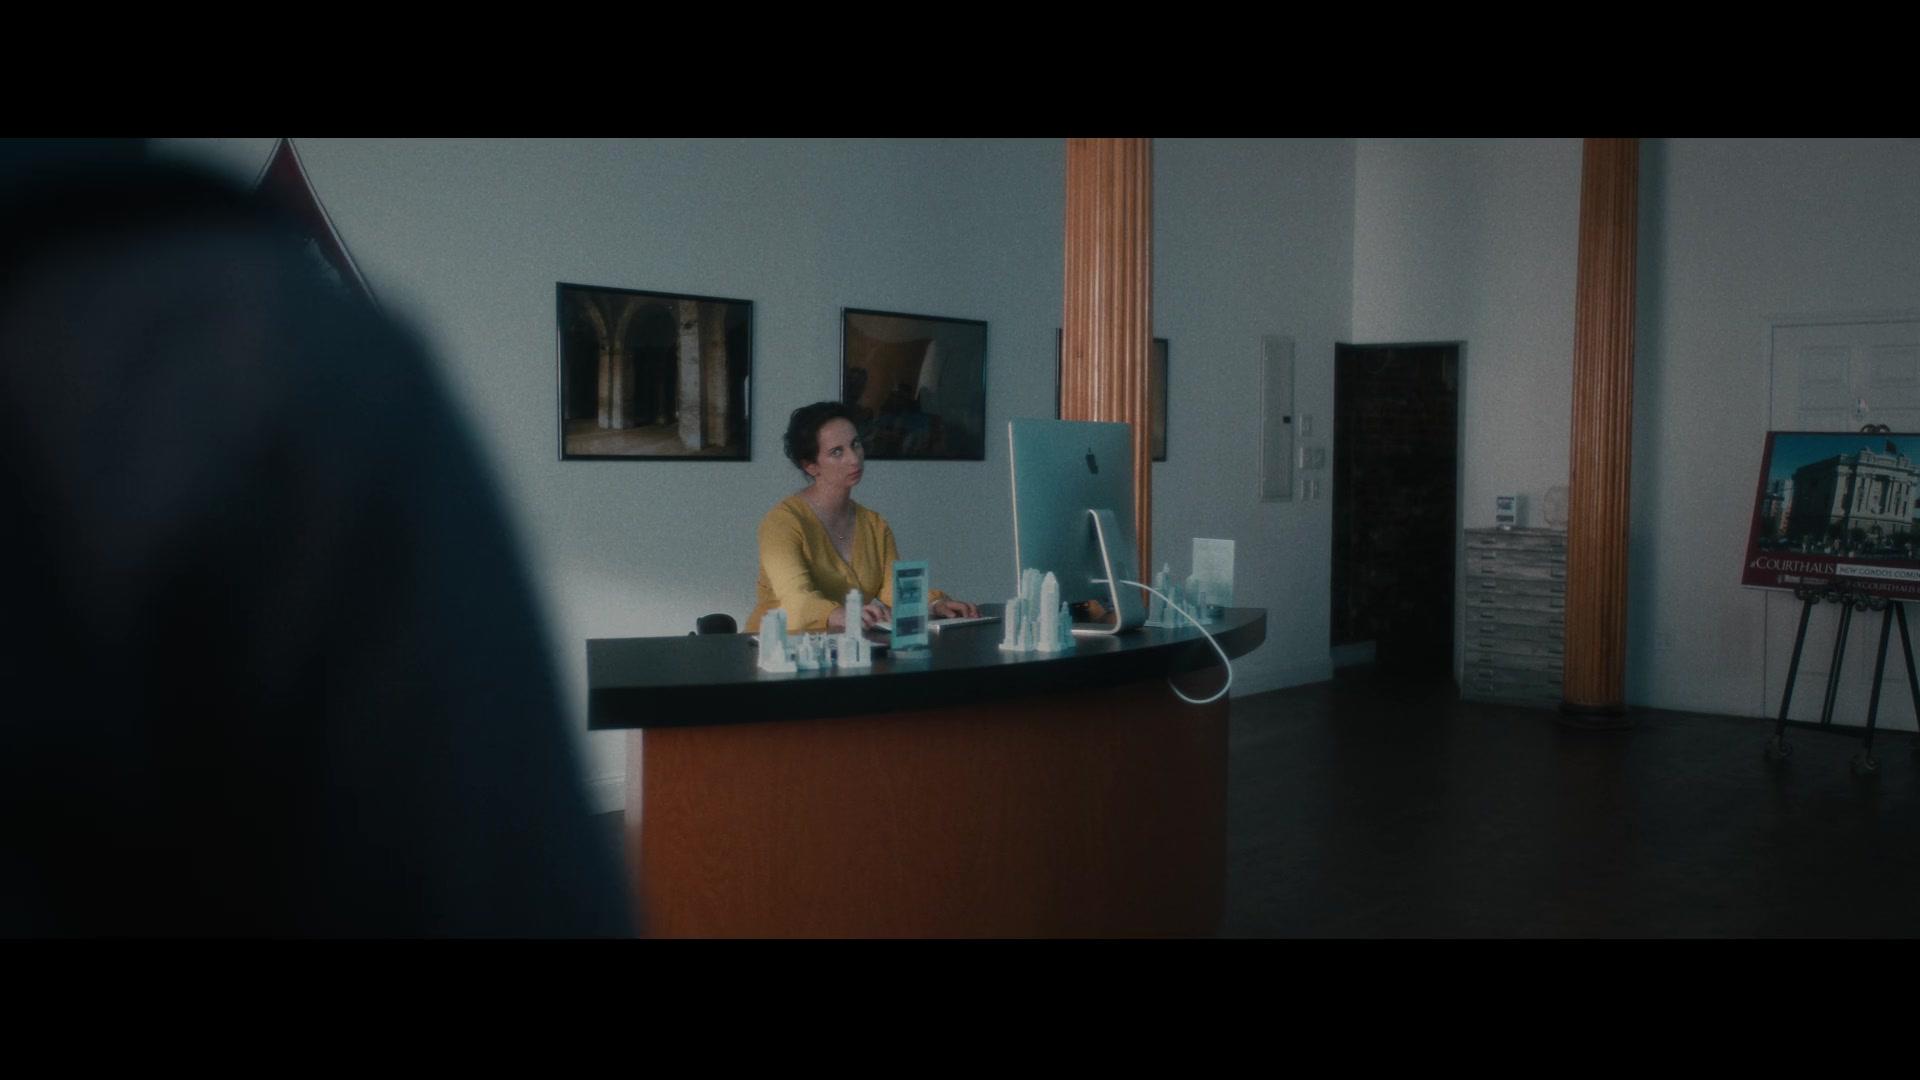 Apple IMac Computer In Vampires Vs. The Bronx (2020)